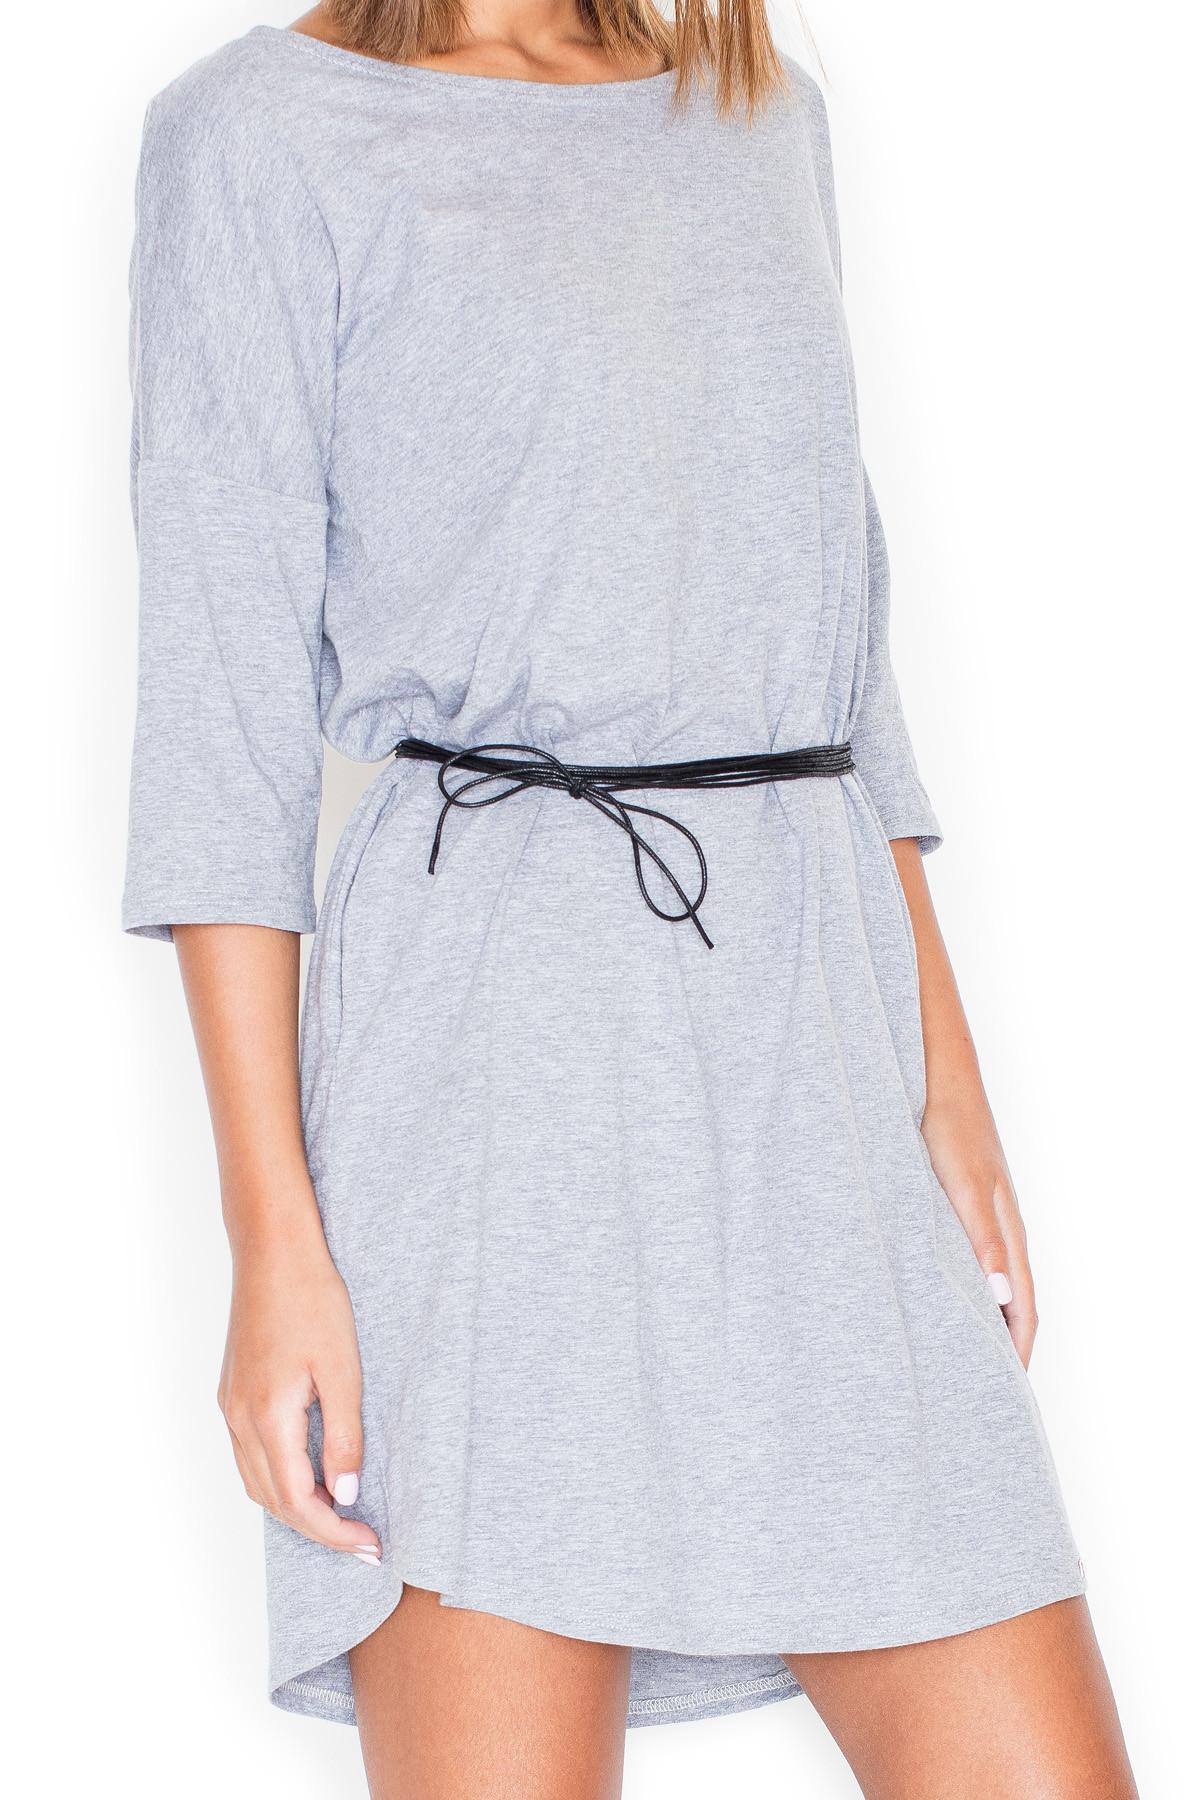 Denní šaty model 50903 Katrus L